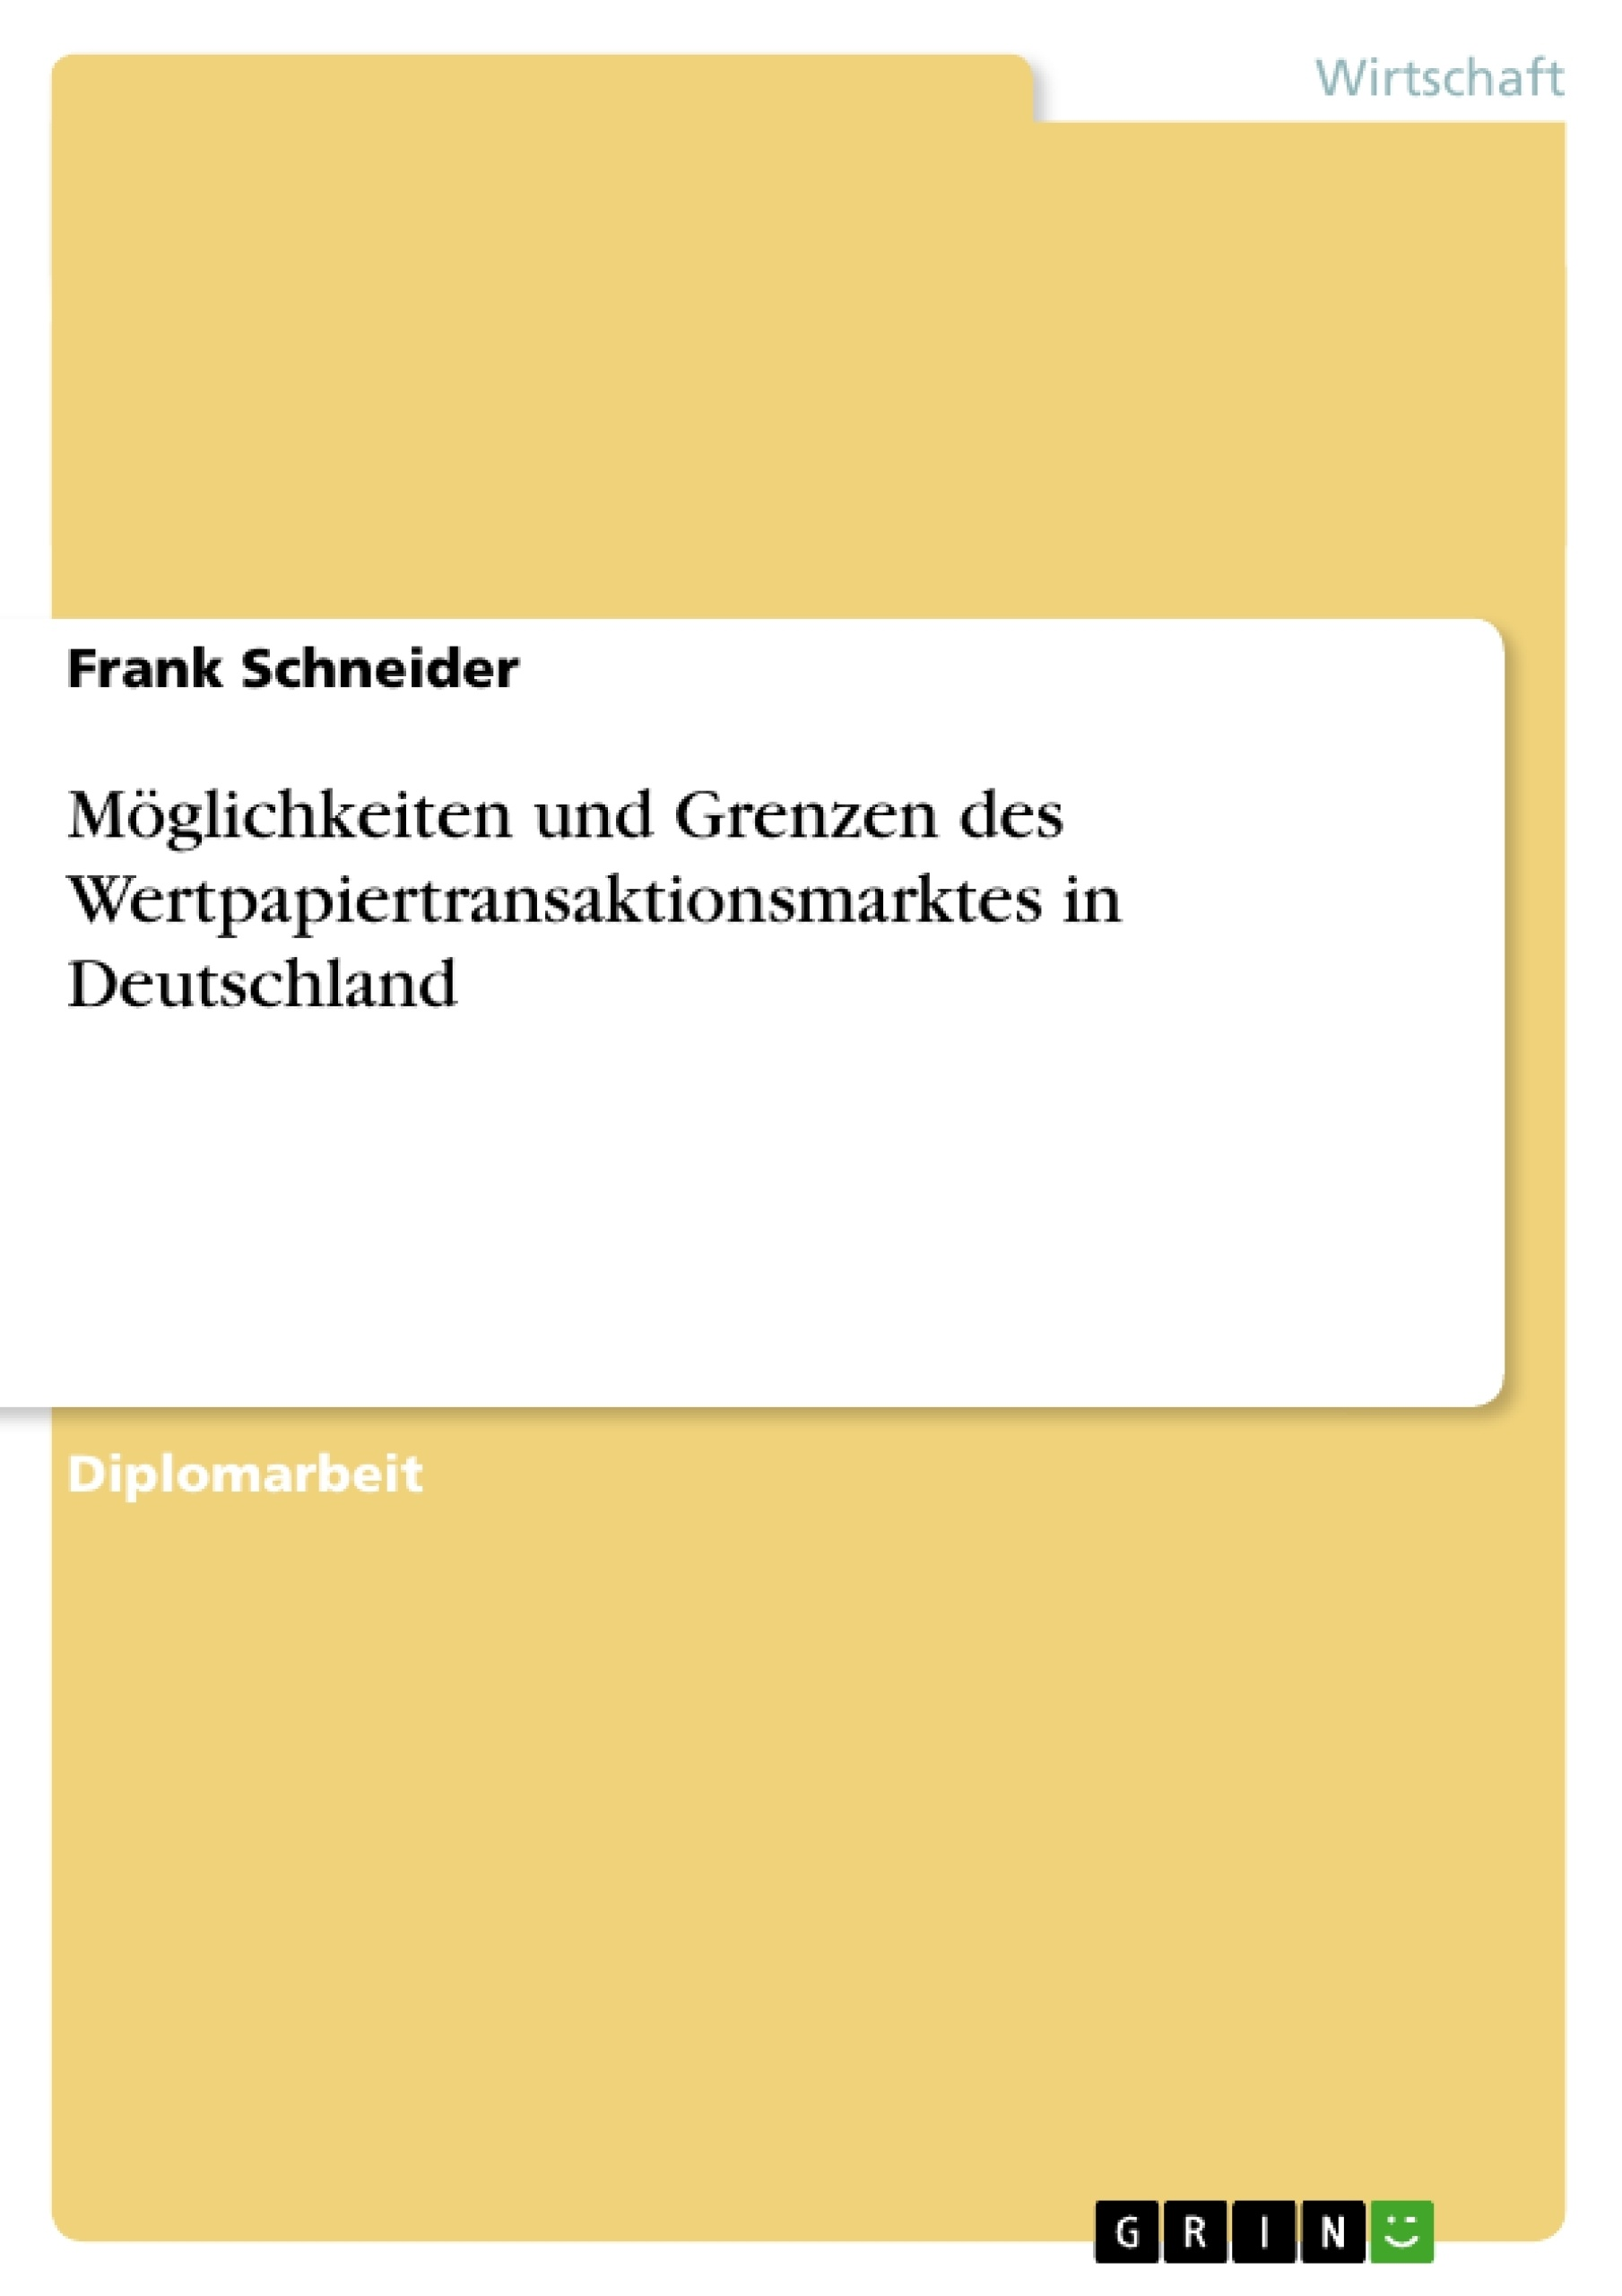 Titel: Möglichkeiten und Grenzen des Wertpapiertransaktionsmarktes in Deutschland